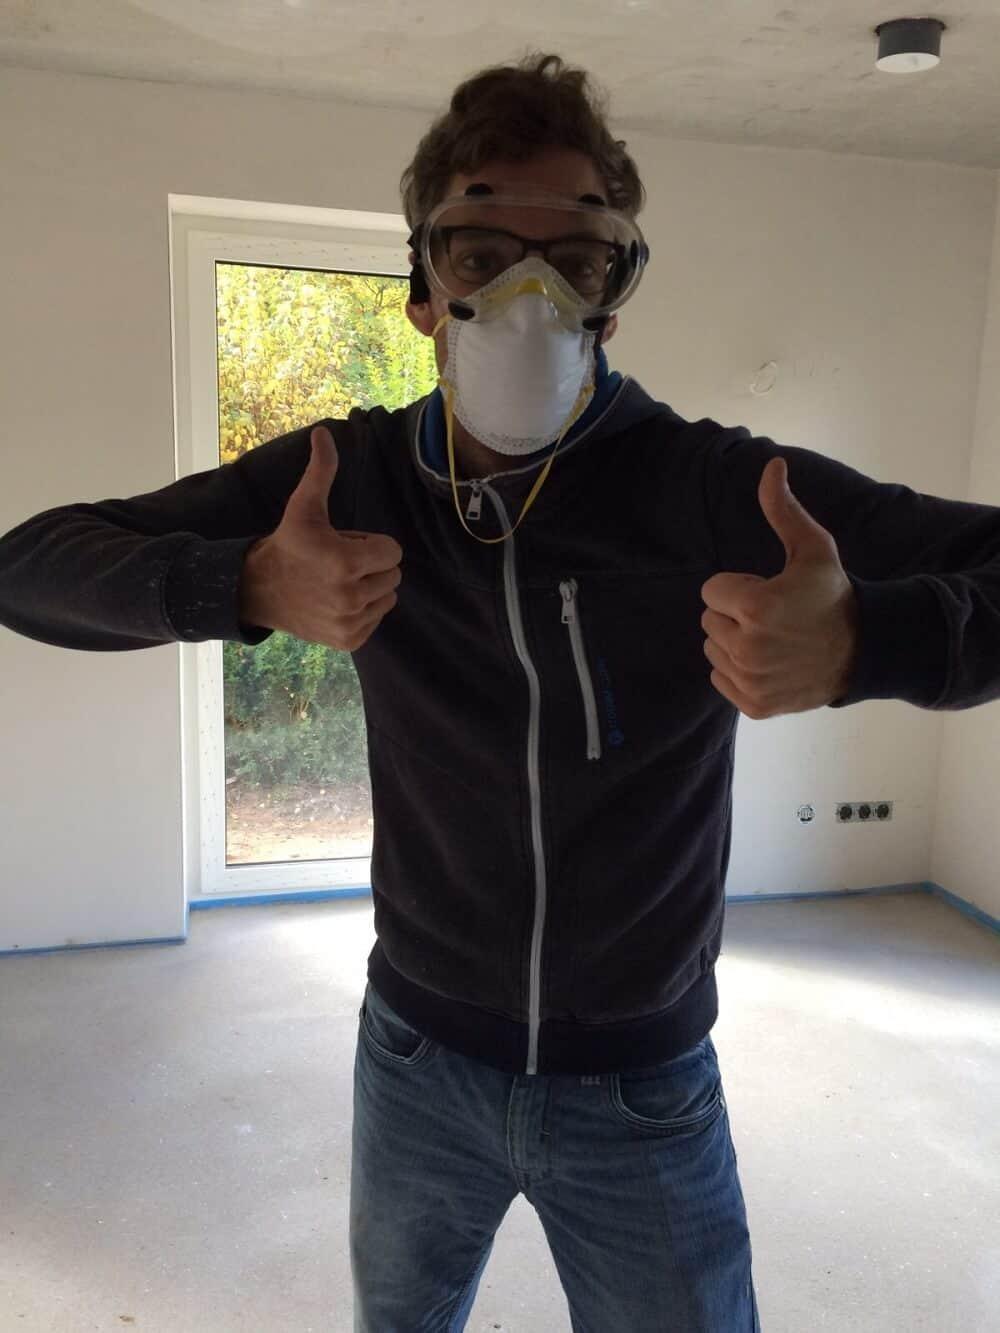 Stahlbetondecke Im Neubau Decke Verputzen Spachteln Und Streichen